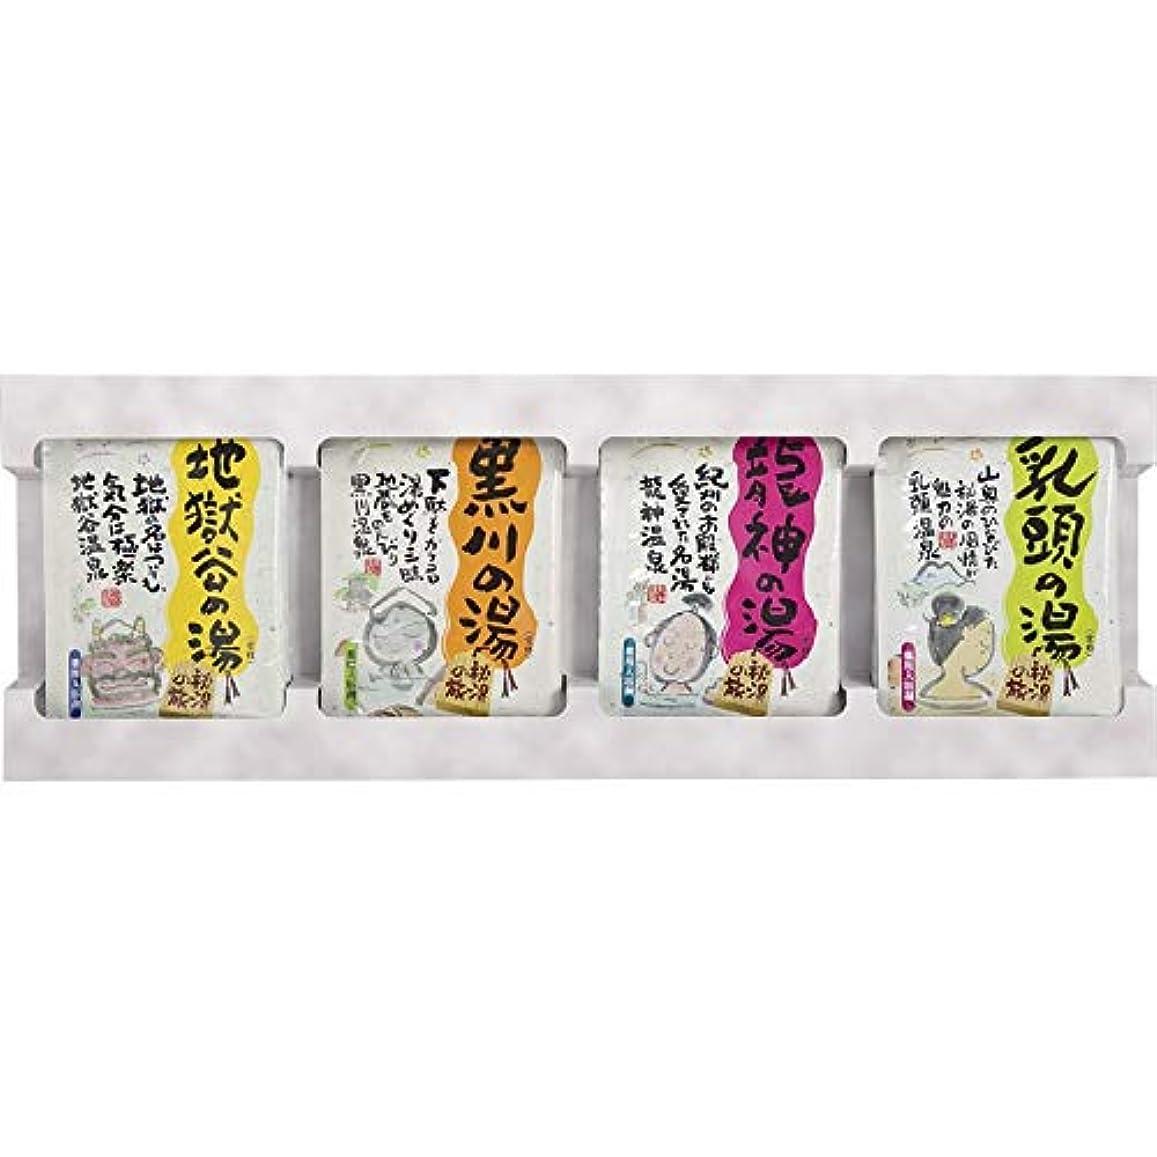 僕のラジウム品薬用入浴剤秘湯の旅10P PH-10P 【やくようにゅうよくざい ひとうのたび 日本製 国産 せっと セット 10包 】